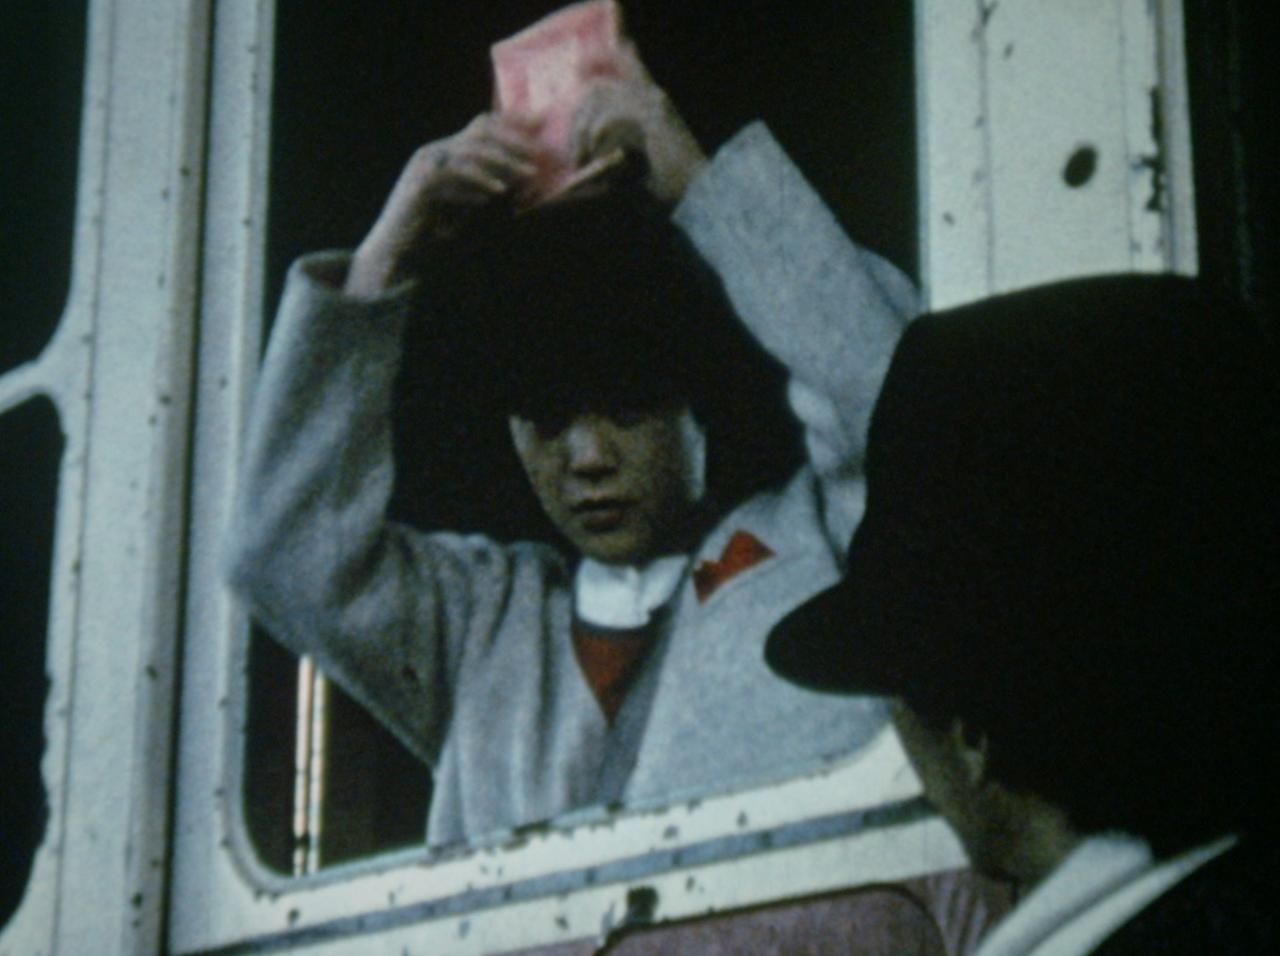 画像: 『はなされるGANG』 1984年/カラー/85分 監督:諏訪敦彦 『ユキとニナ』 『M/OTHER』